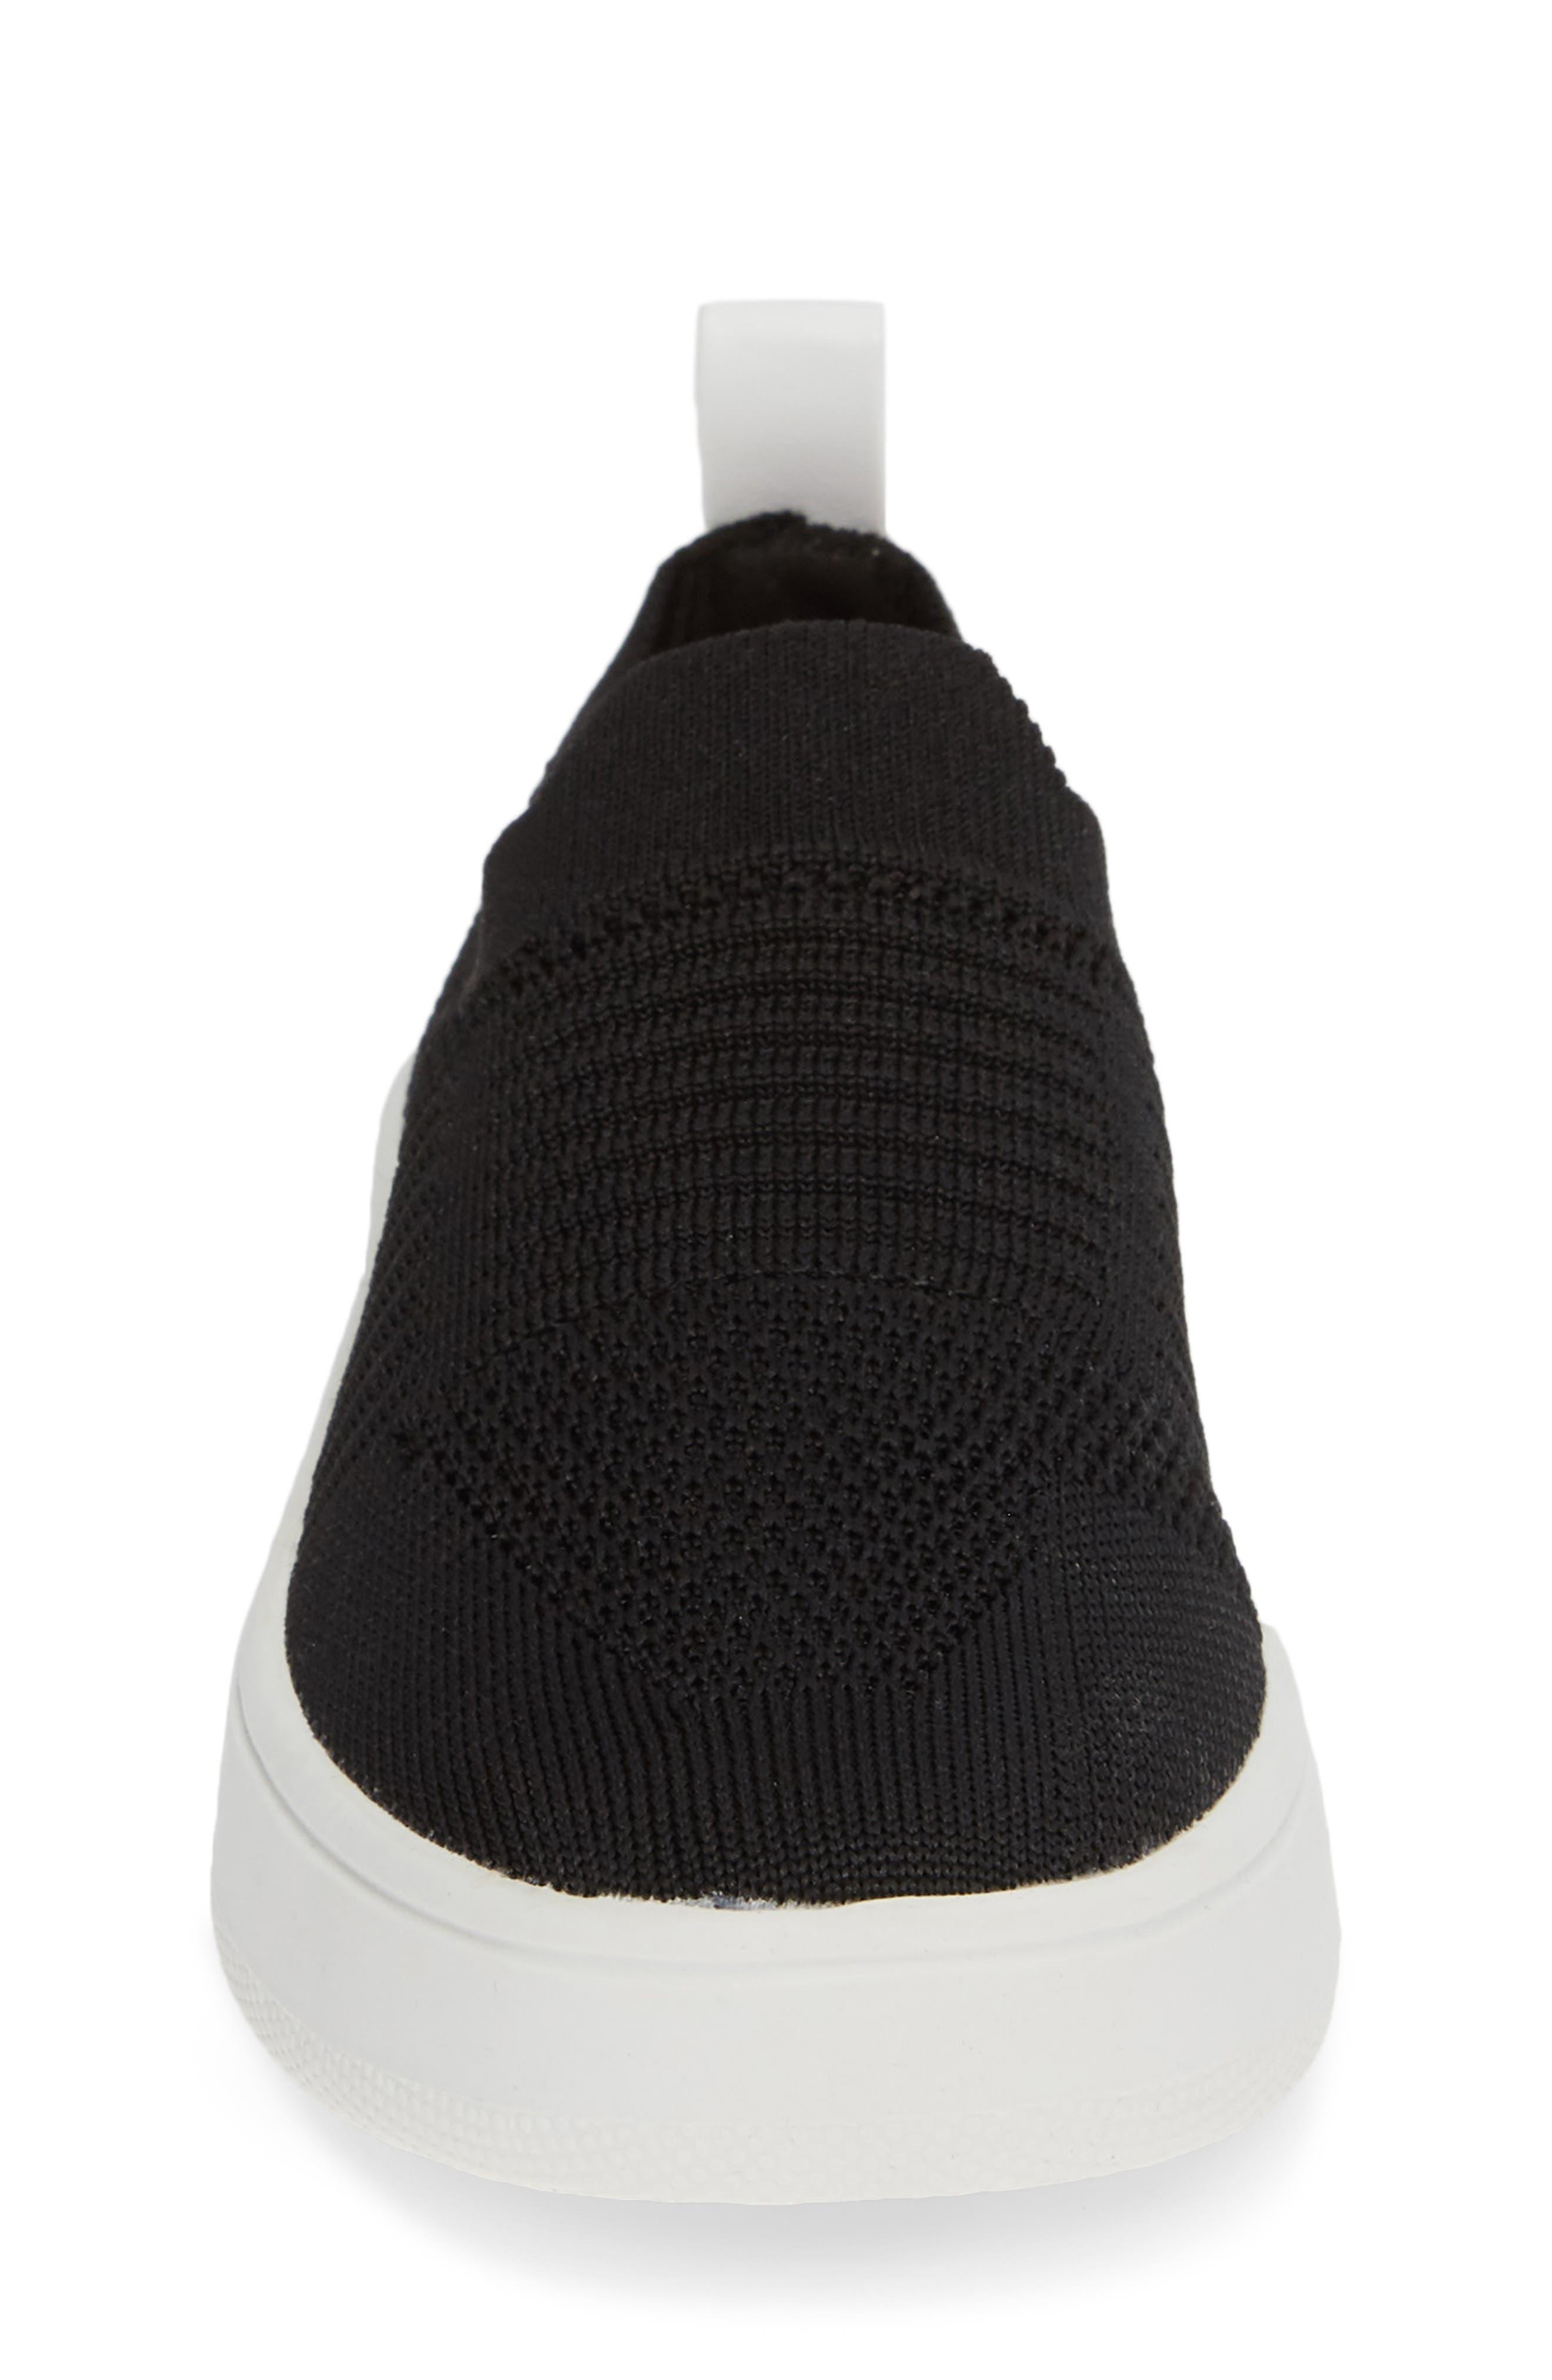 JBEALE Knit Slip-On Sneaker,                             Alternate thumbnail 4, color,                             017